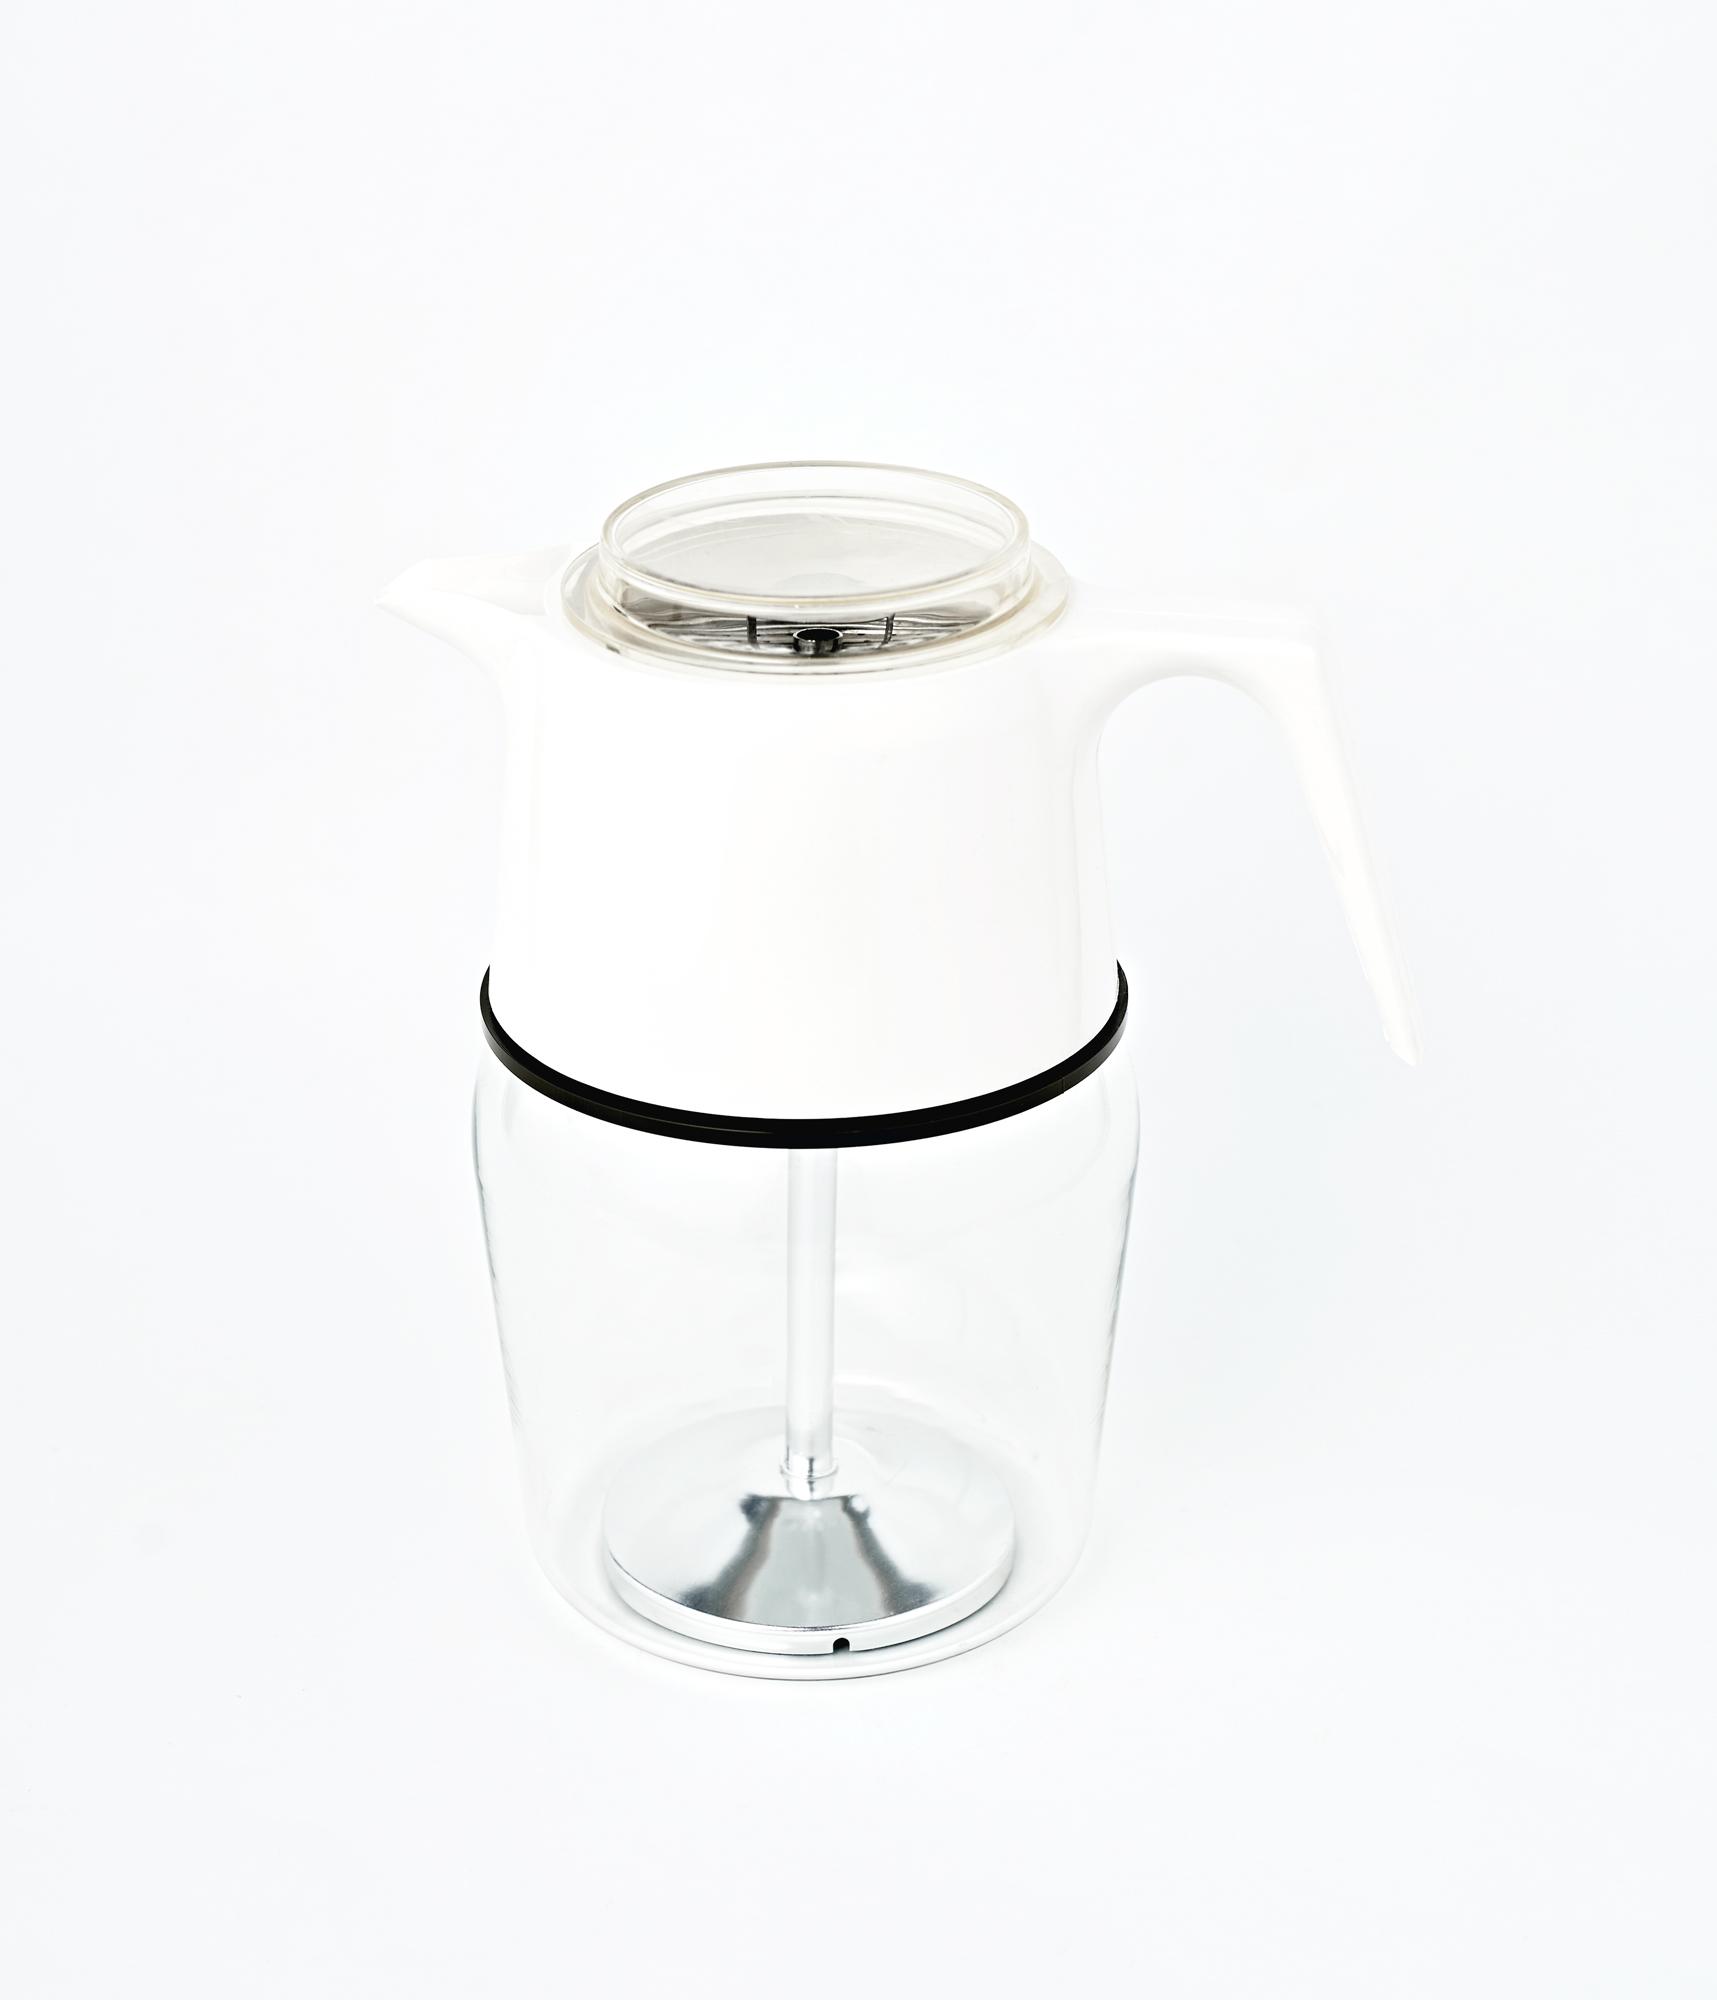 Vintage Pyrex Coffee Pot